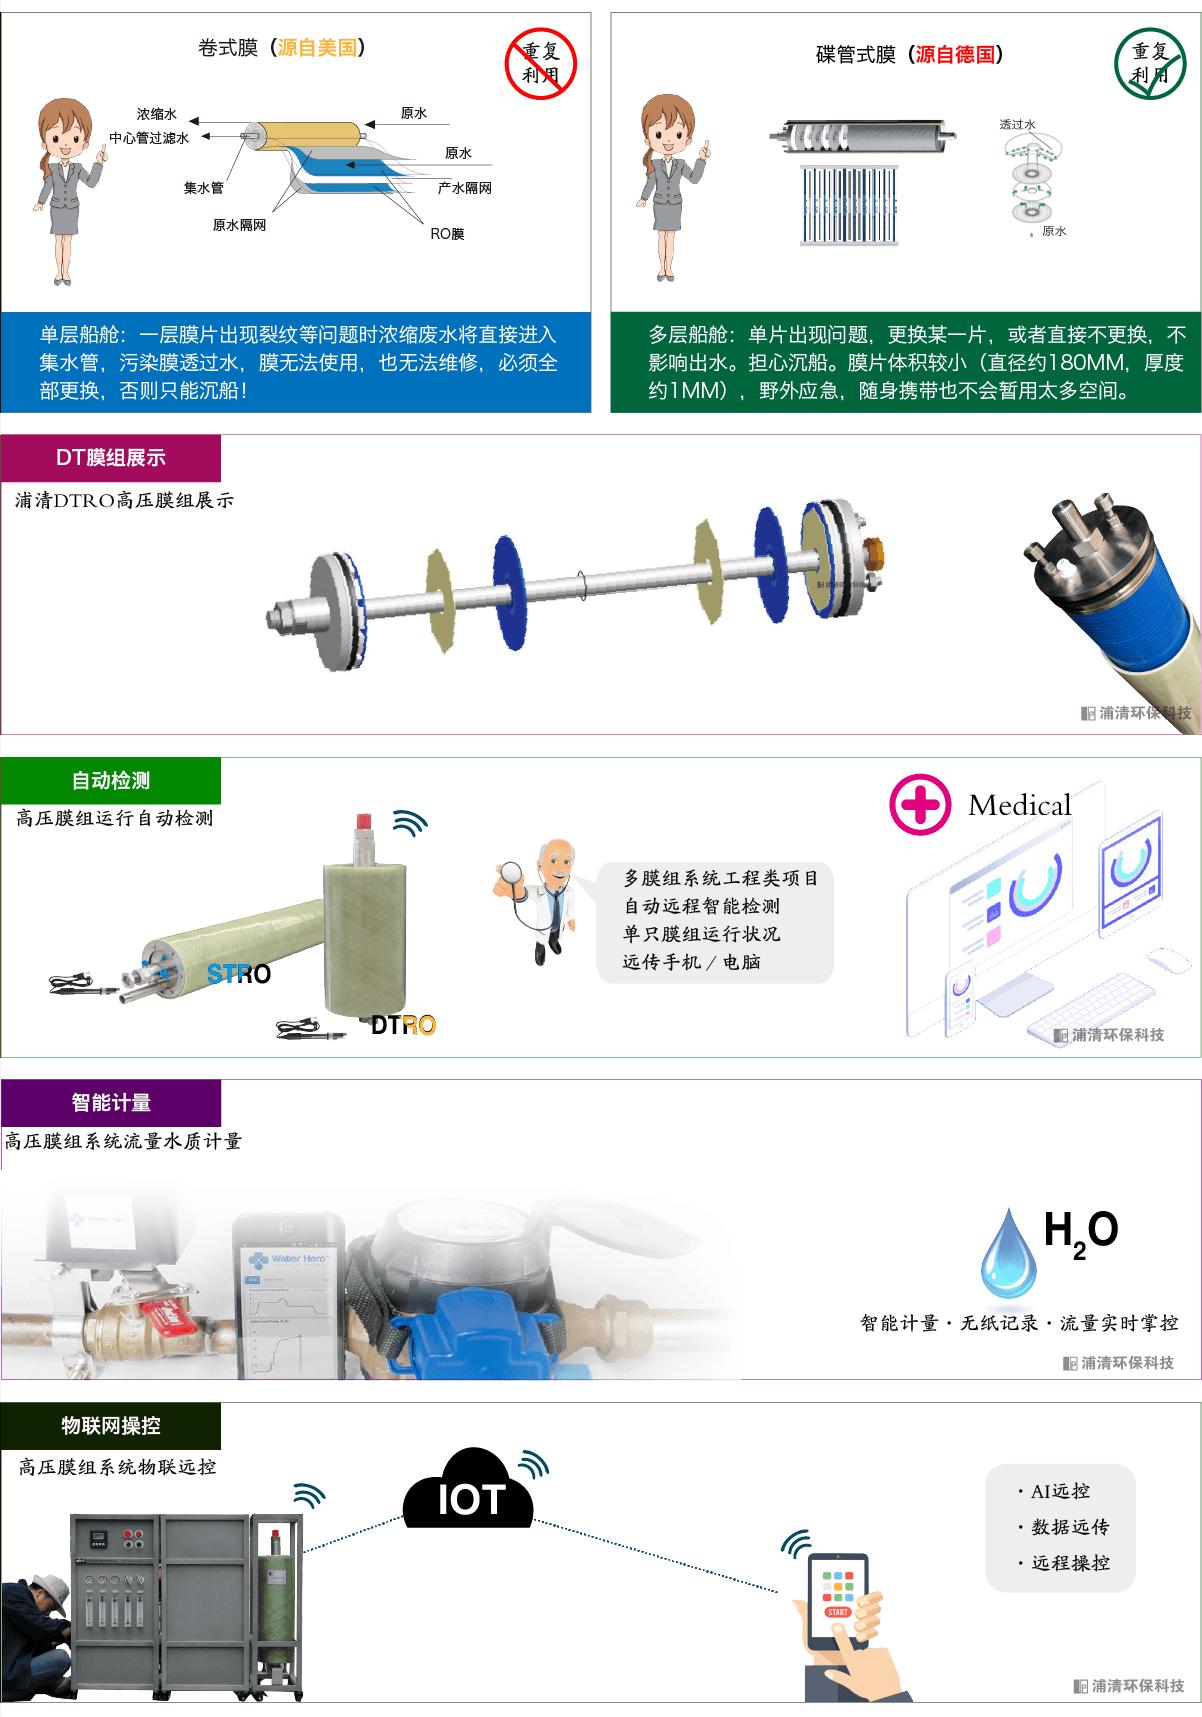 DT高压水处理机细节特色